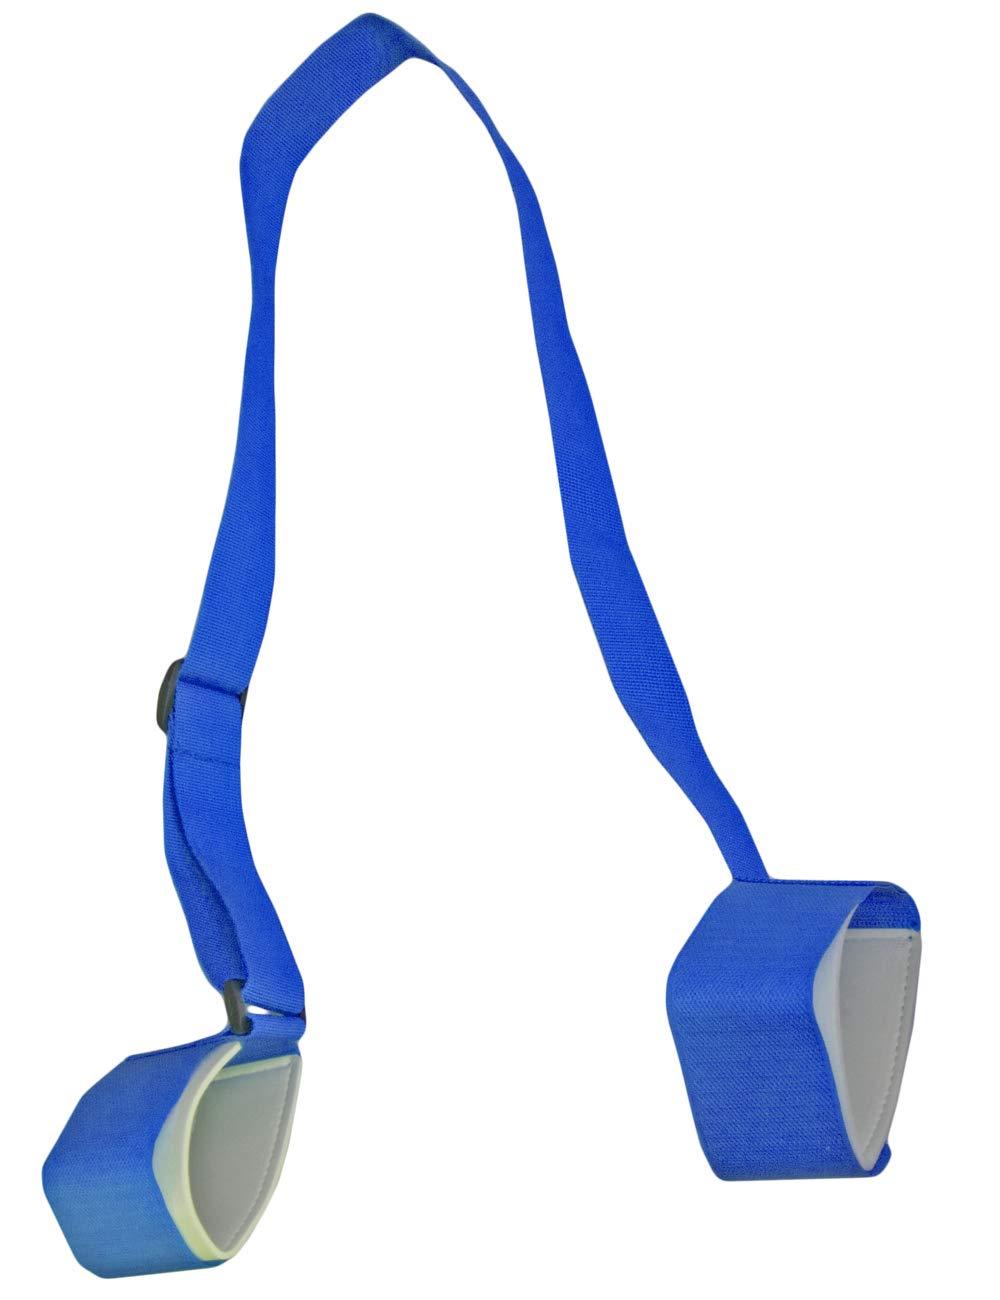 Glamia HOMETOOLS.EU® - Ski Trage-Gurt   Trage-Riemen, Trage-Schlaufen, Schultergurt für Ski und Ski-Stöcke   Carving-Ski, Touren-Ski, Langlauf-Ski   3 Farben